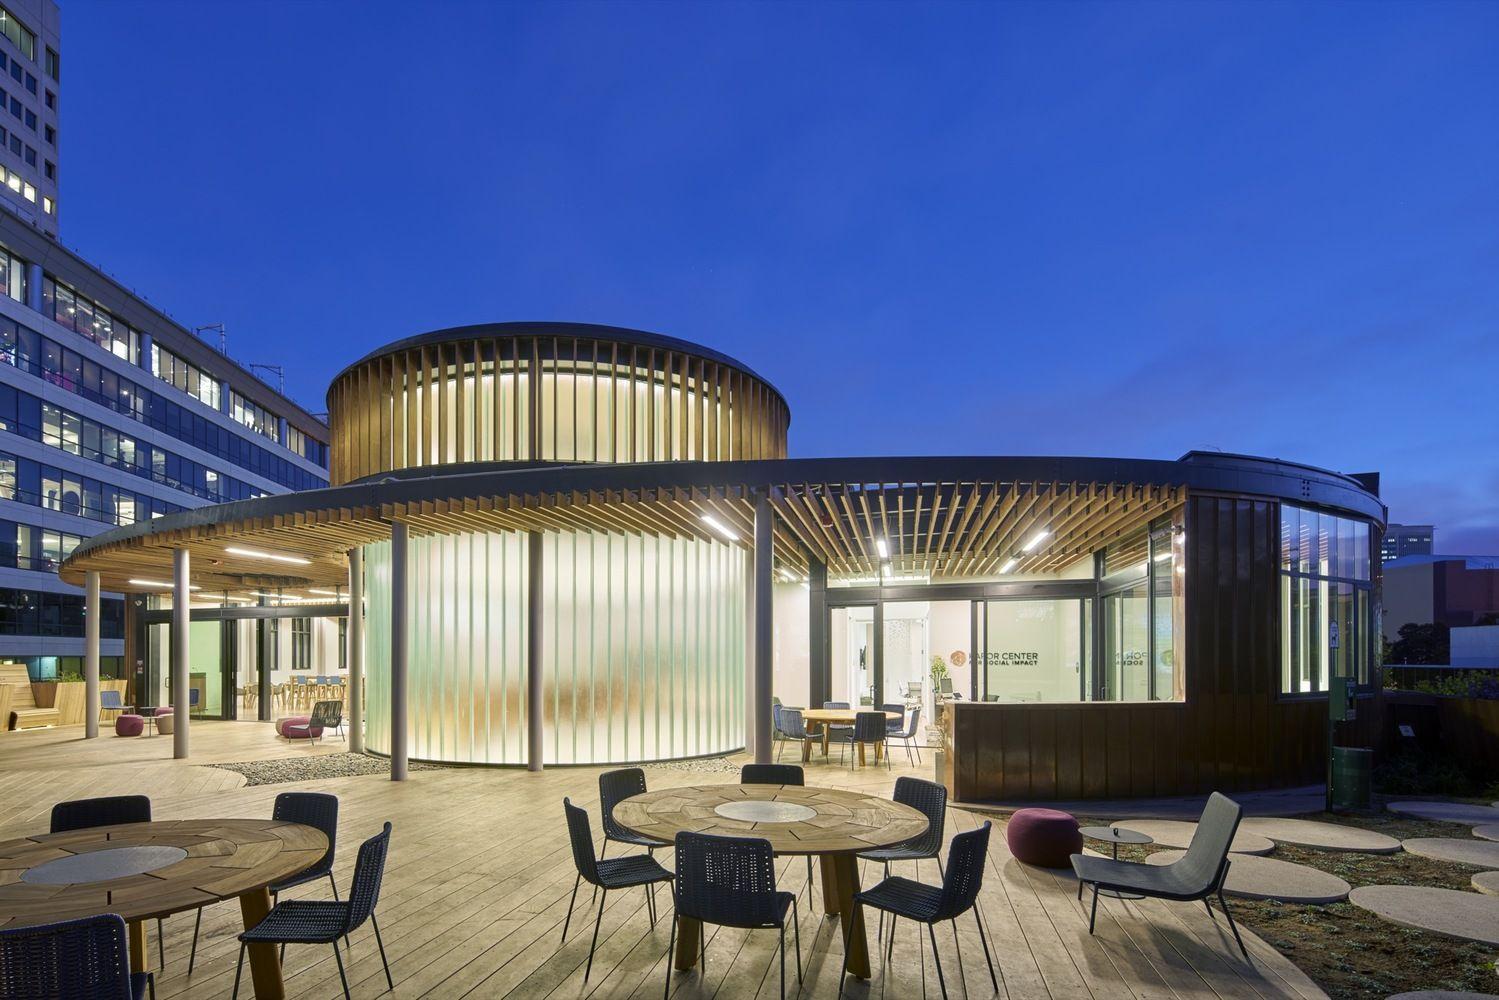 Galería de Centro Kapor para el impacto social/ Fougeron Architecture - 13